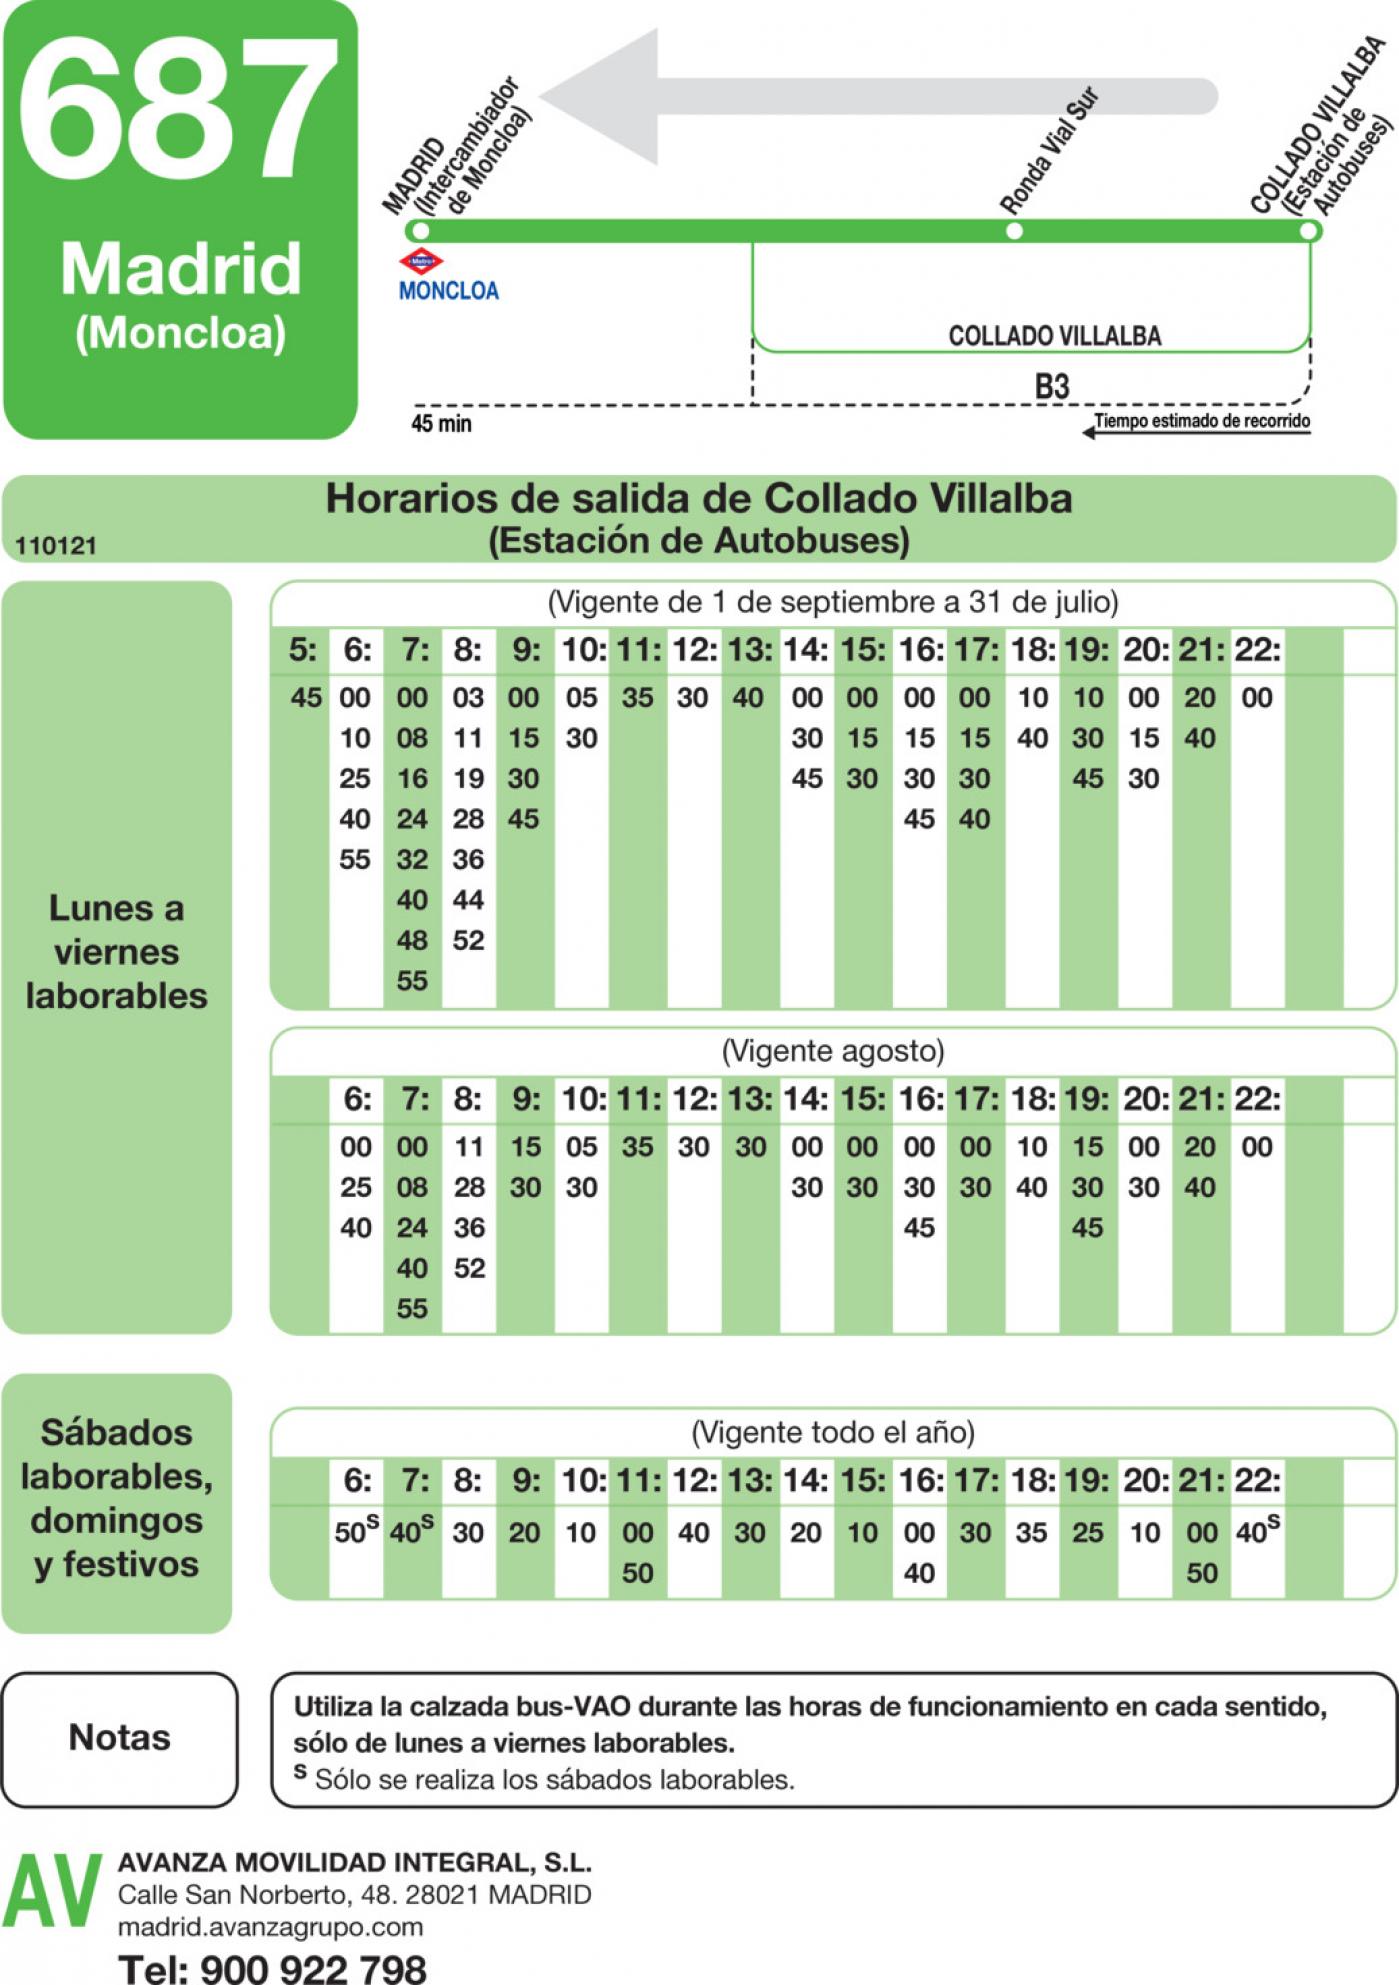 Tabla de horarios y frecuencias de paso en sentido vuelta Línea 687: Madrid (Moncloa) - Collado Villalba